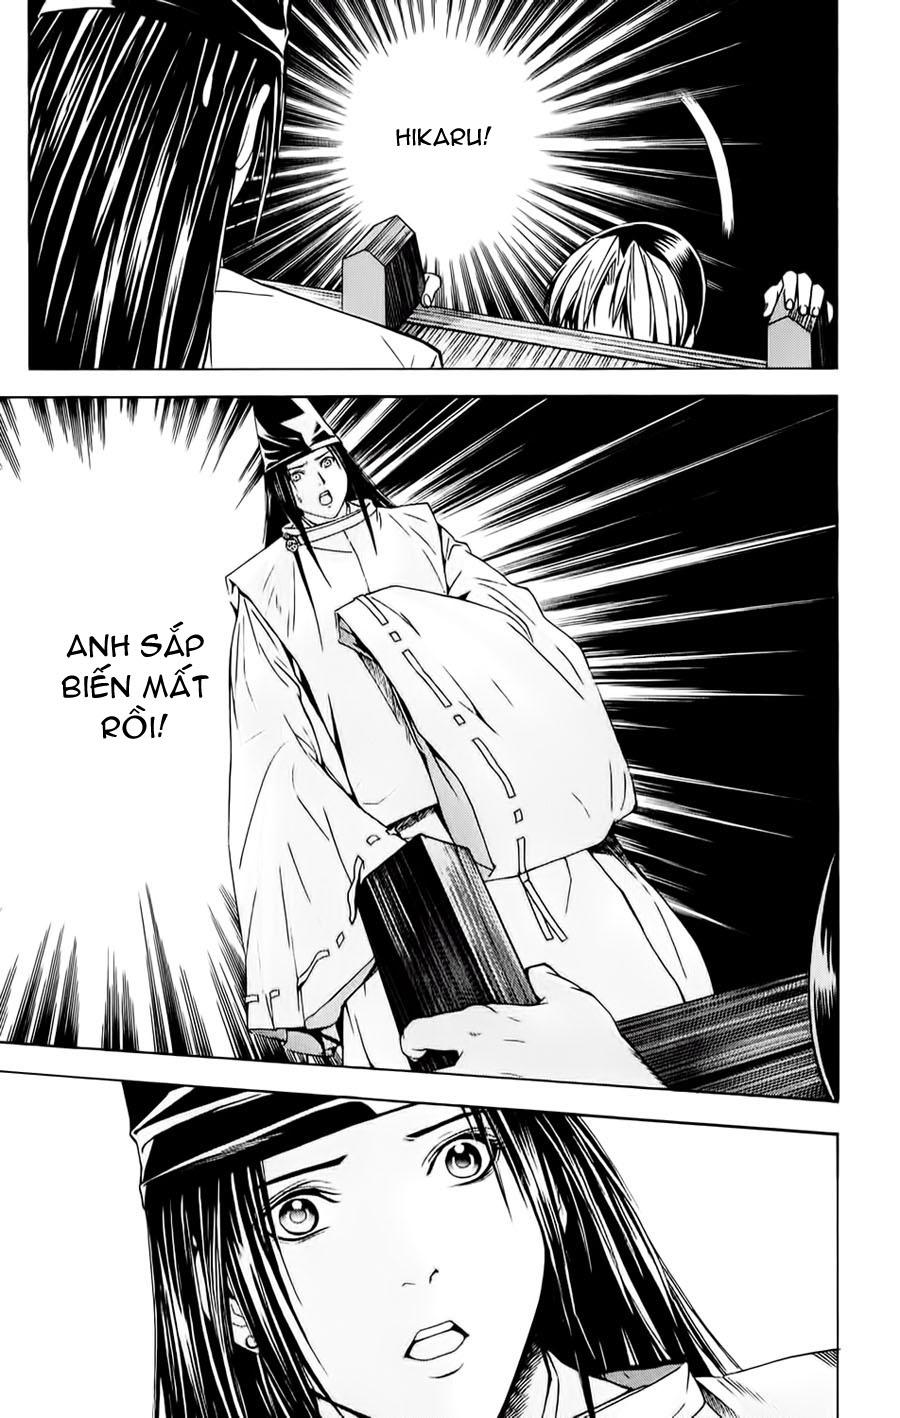 Hikaru No Go hikaru no go chap 123 trang 6